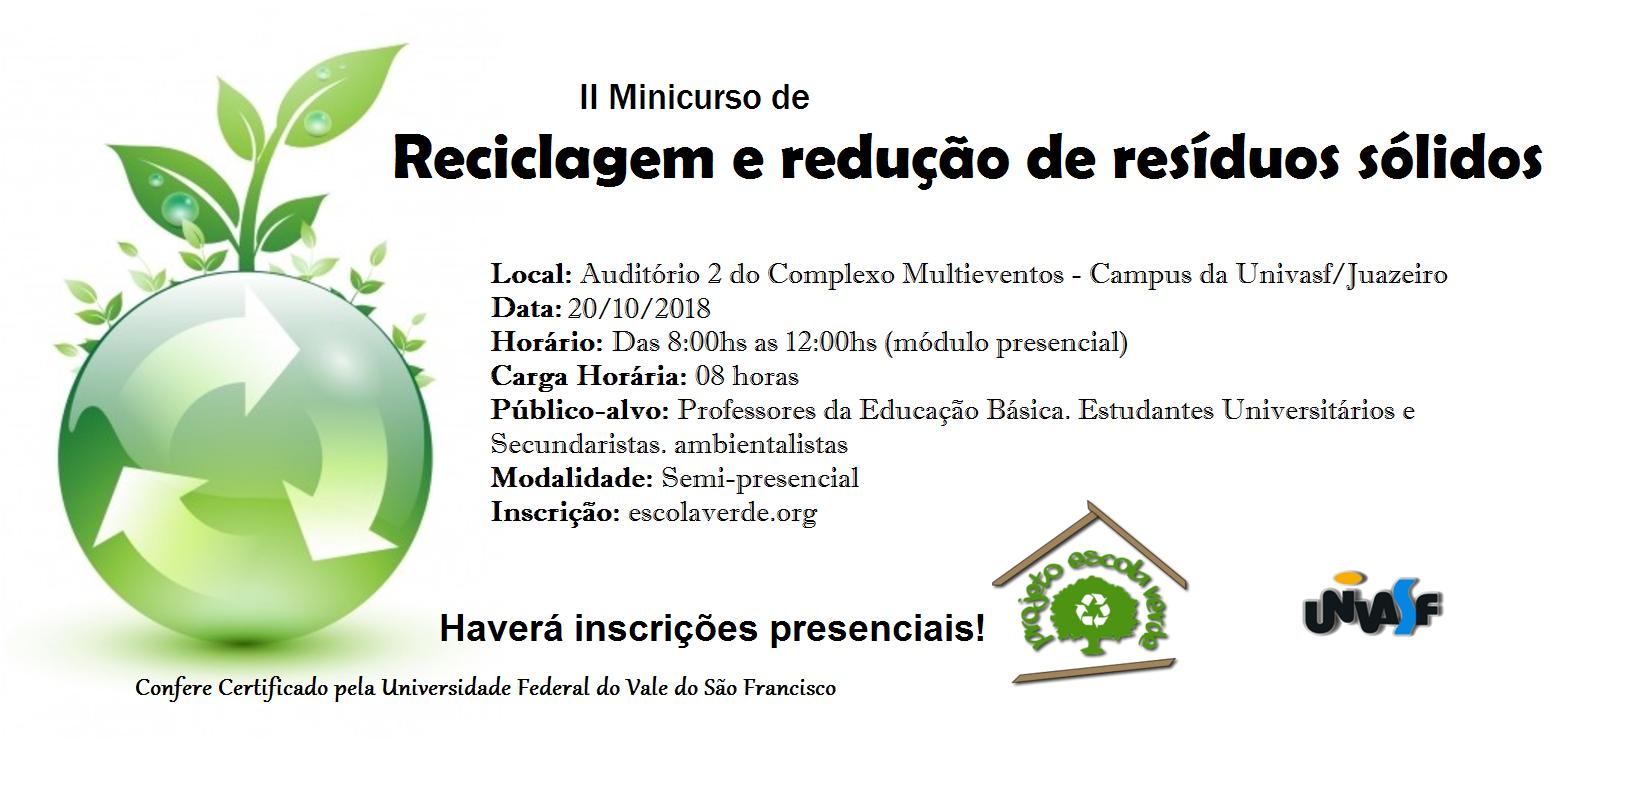 Banner do II Minicurso de Reciclagem